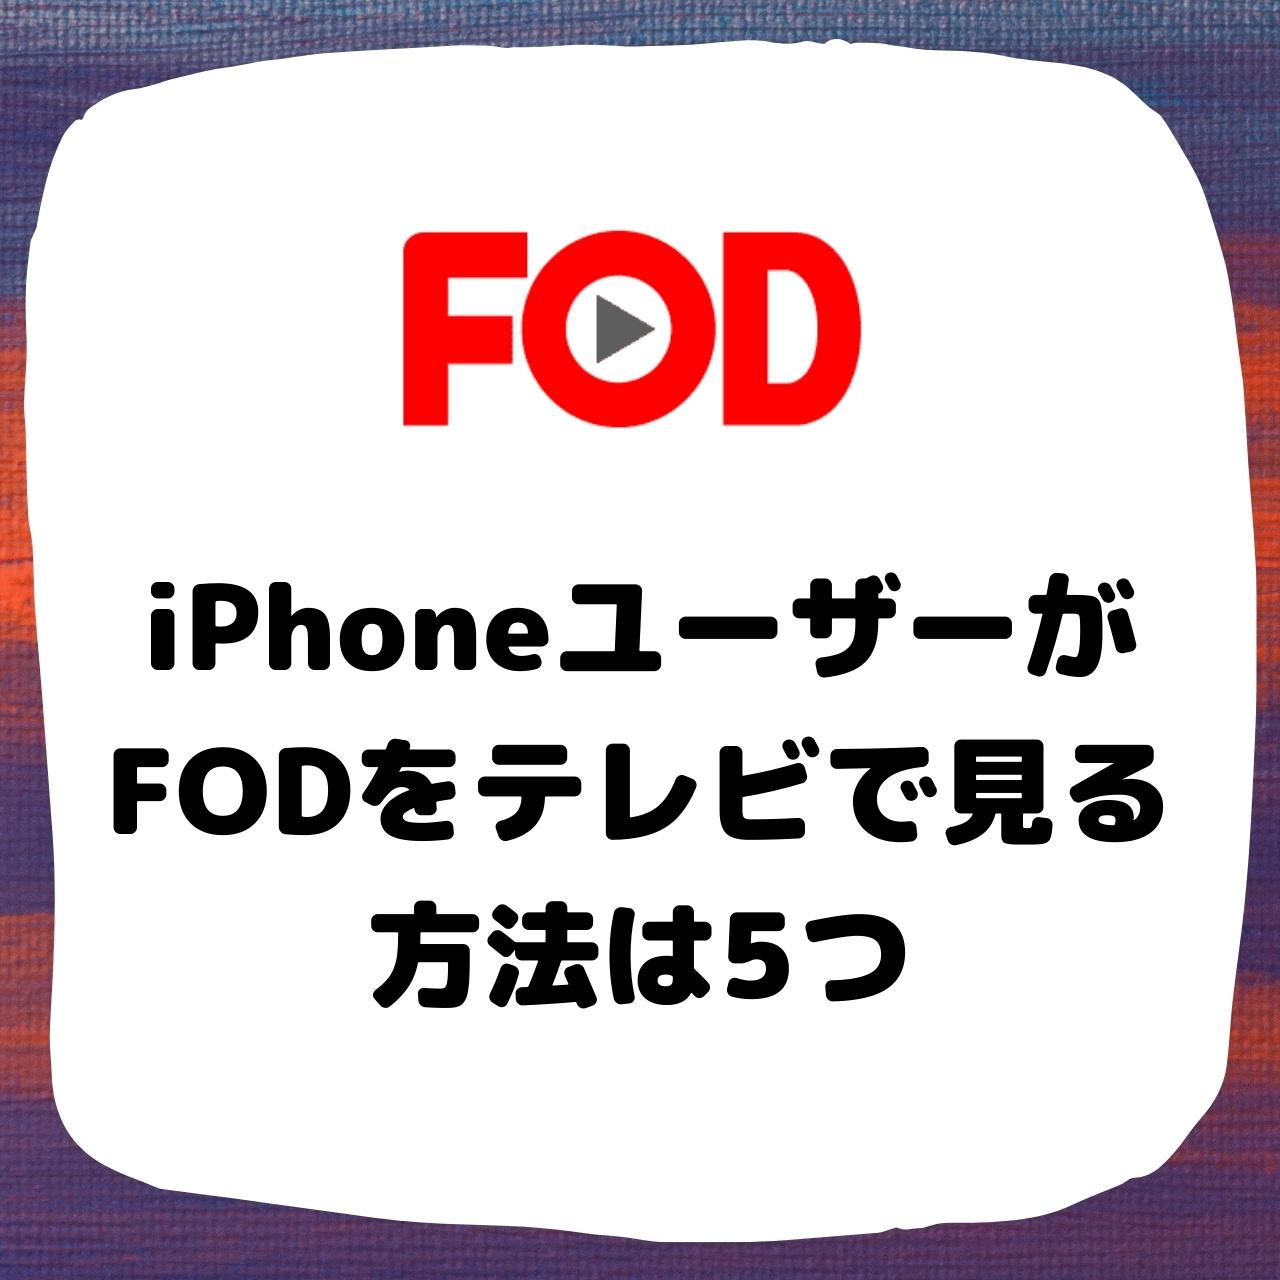 iPhoneユーザーがFODをテレビで見る方法は5つ